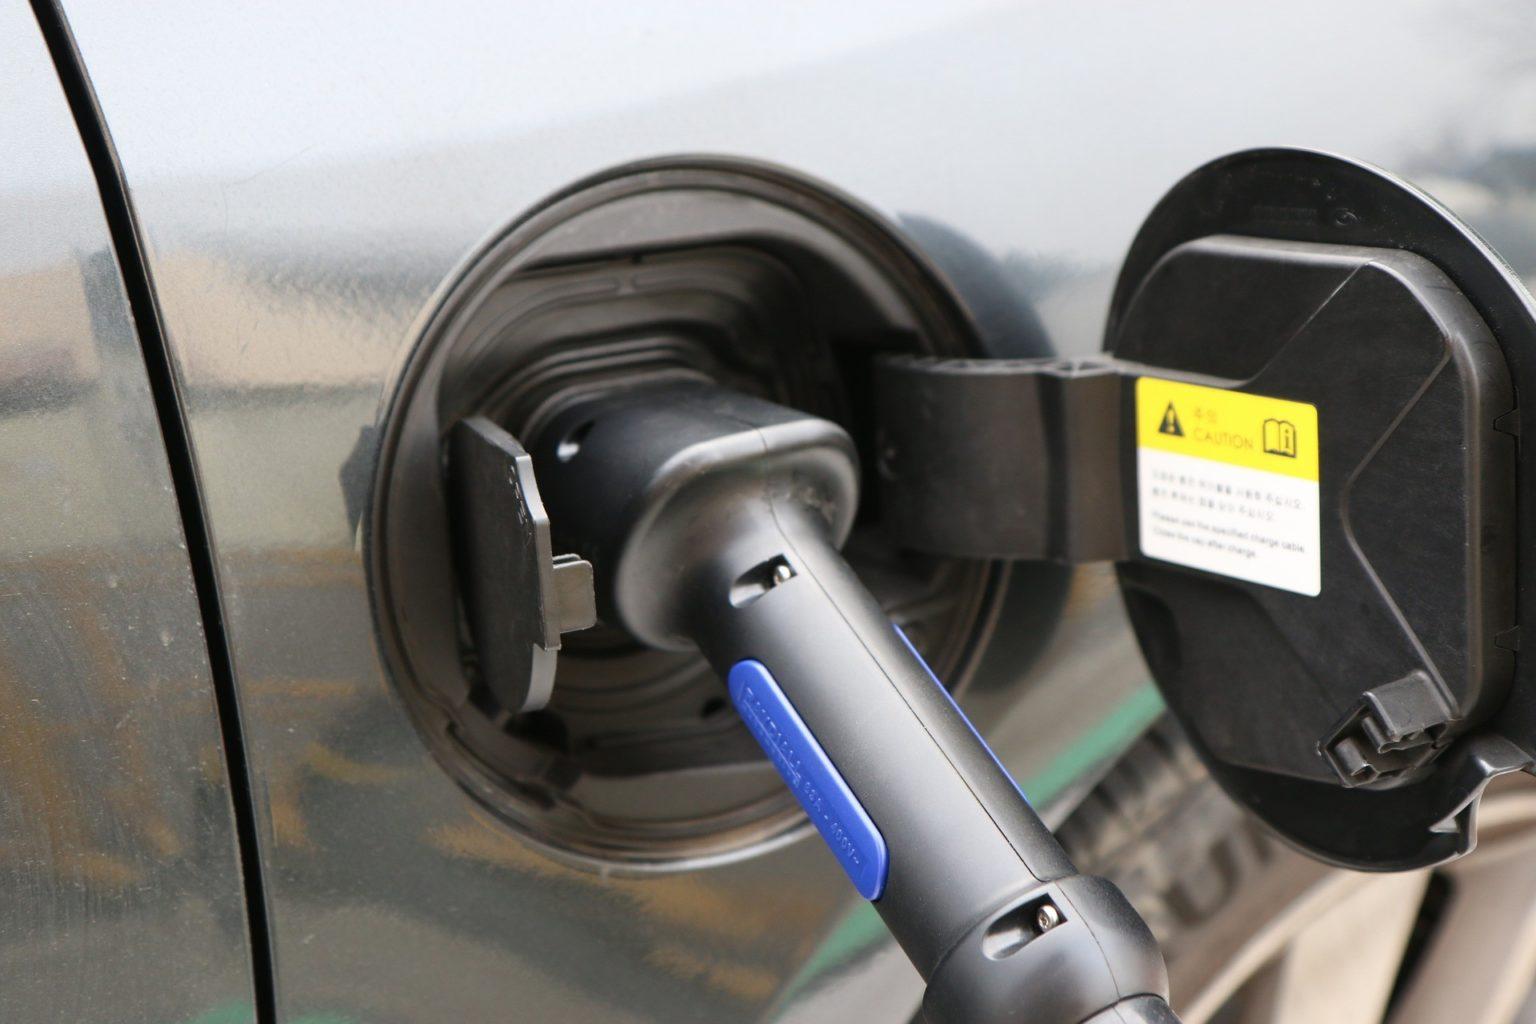 В 2027 году электромобили станут дешевле, чем автомобили на бензине